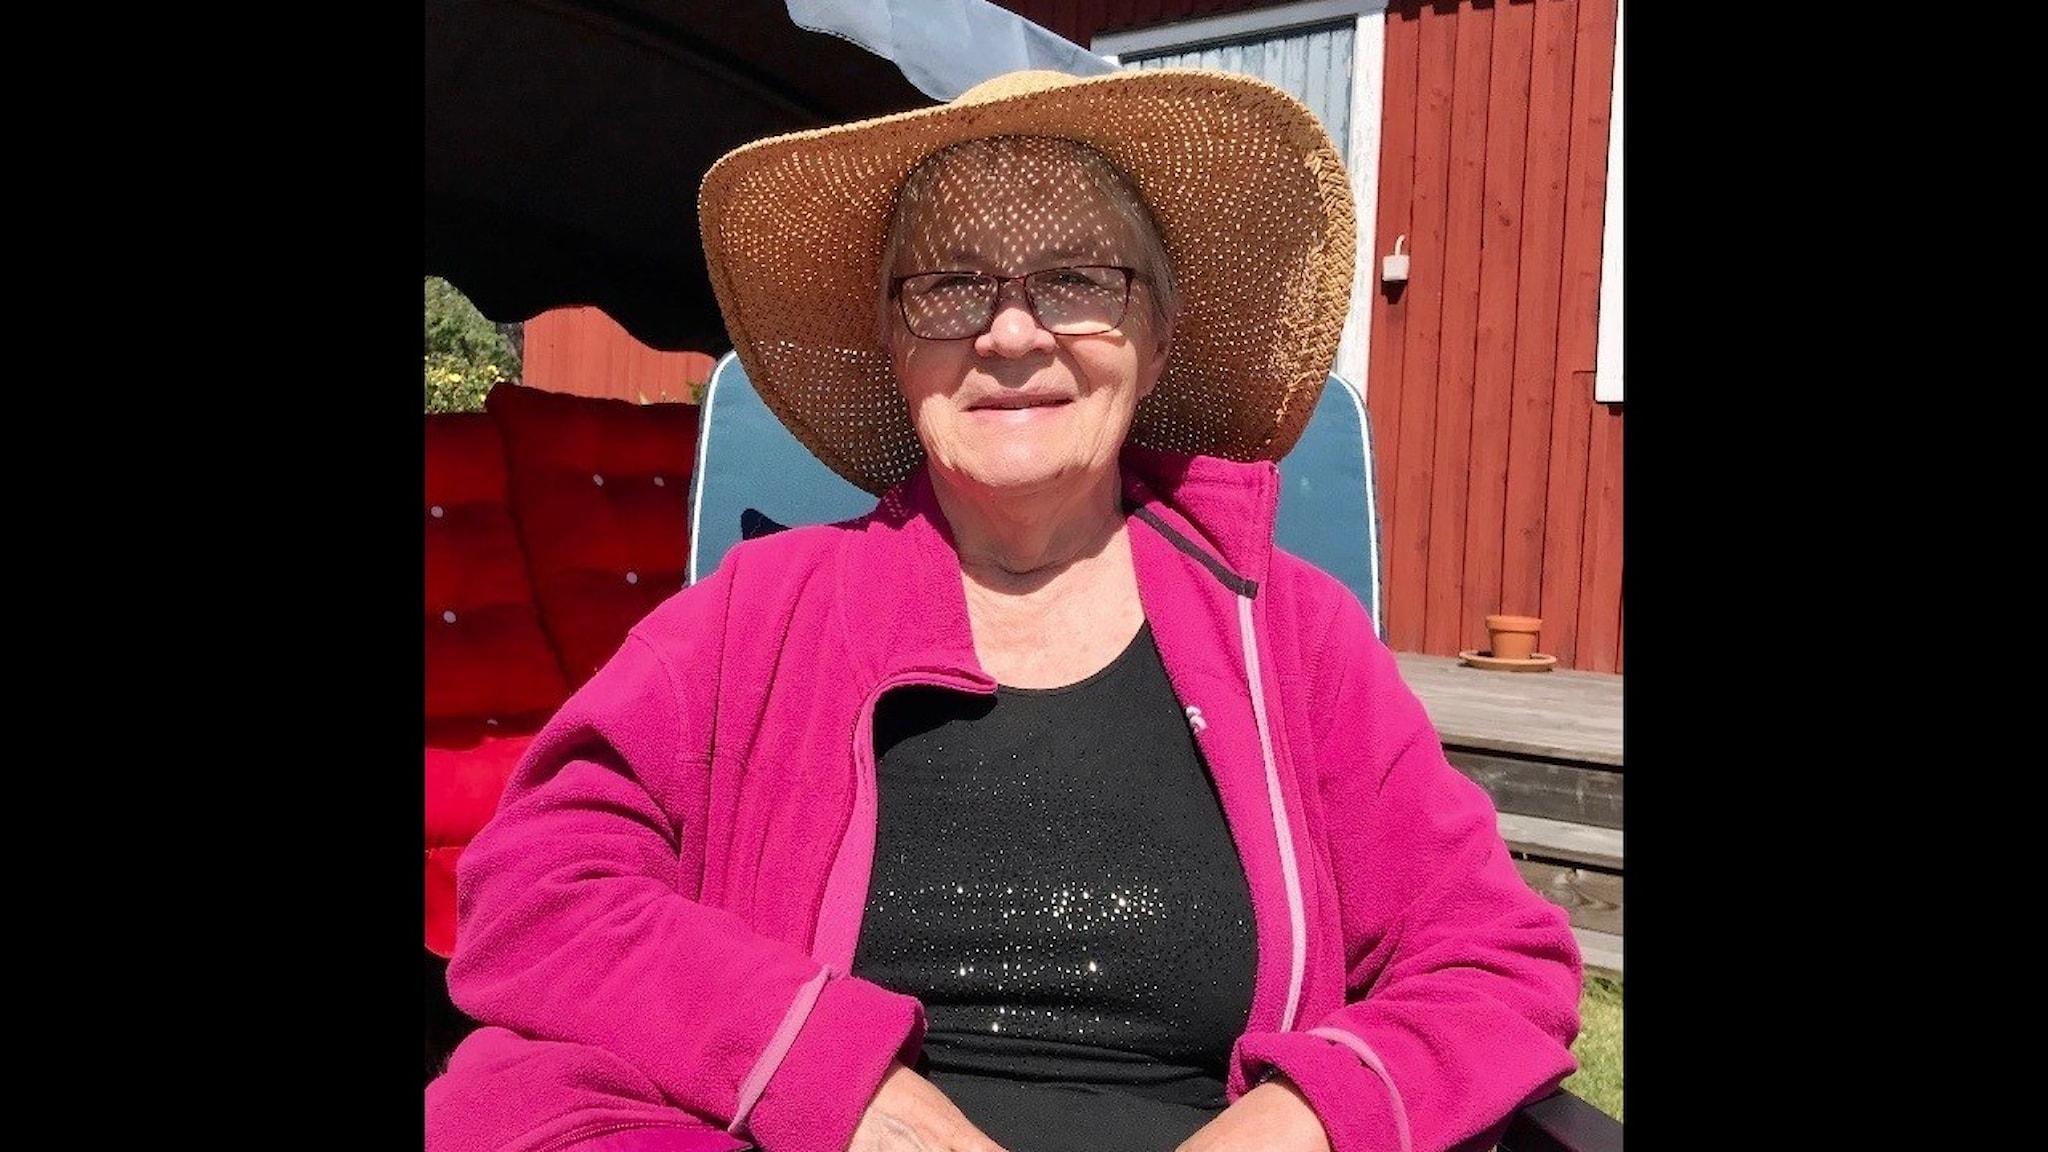 Kuvassa nainen istuu ulkona aurinkoisessa säässä, hattu päässä.